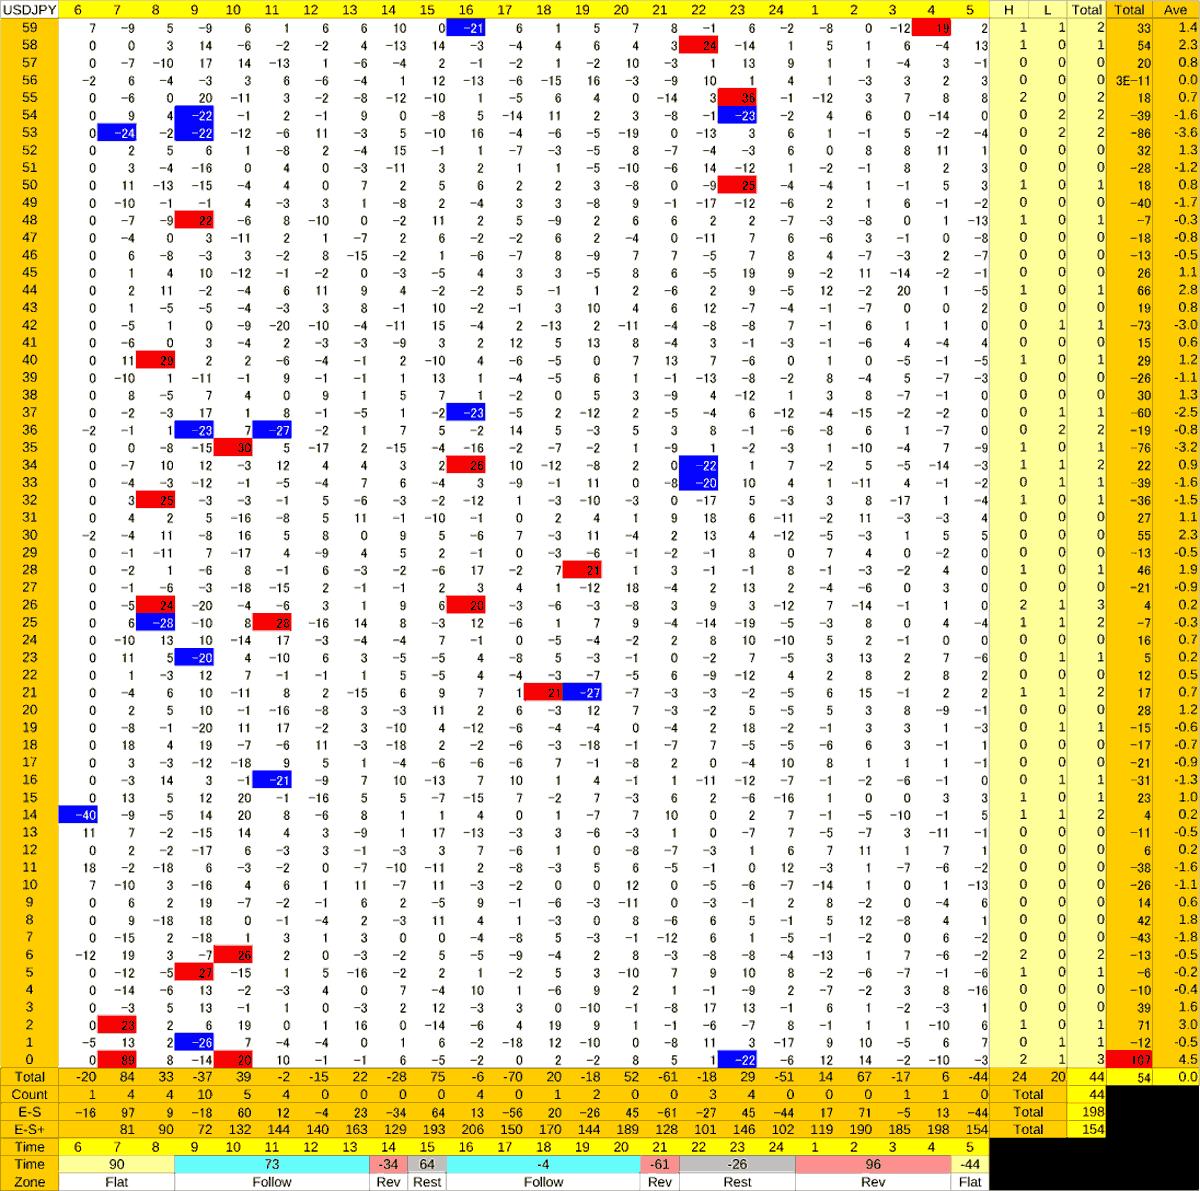 20200622_HS(1)USDJPY